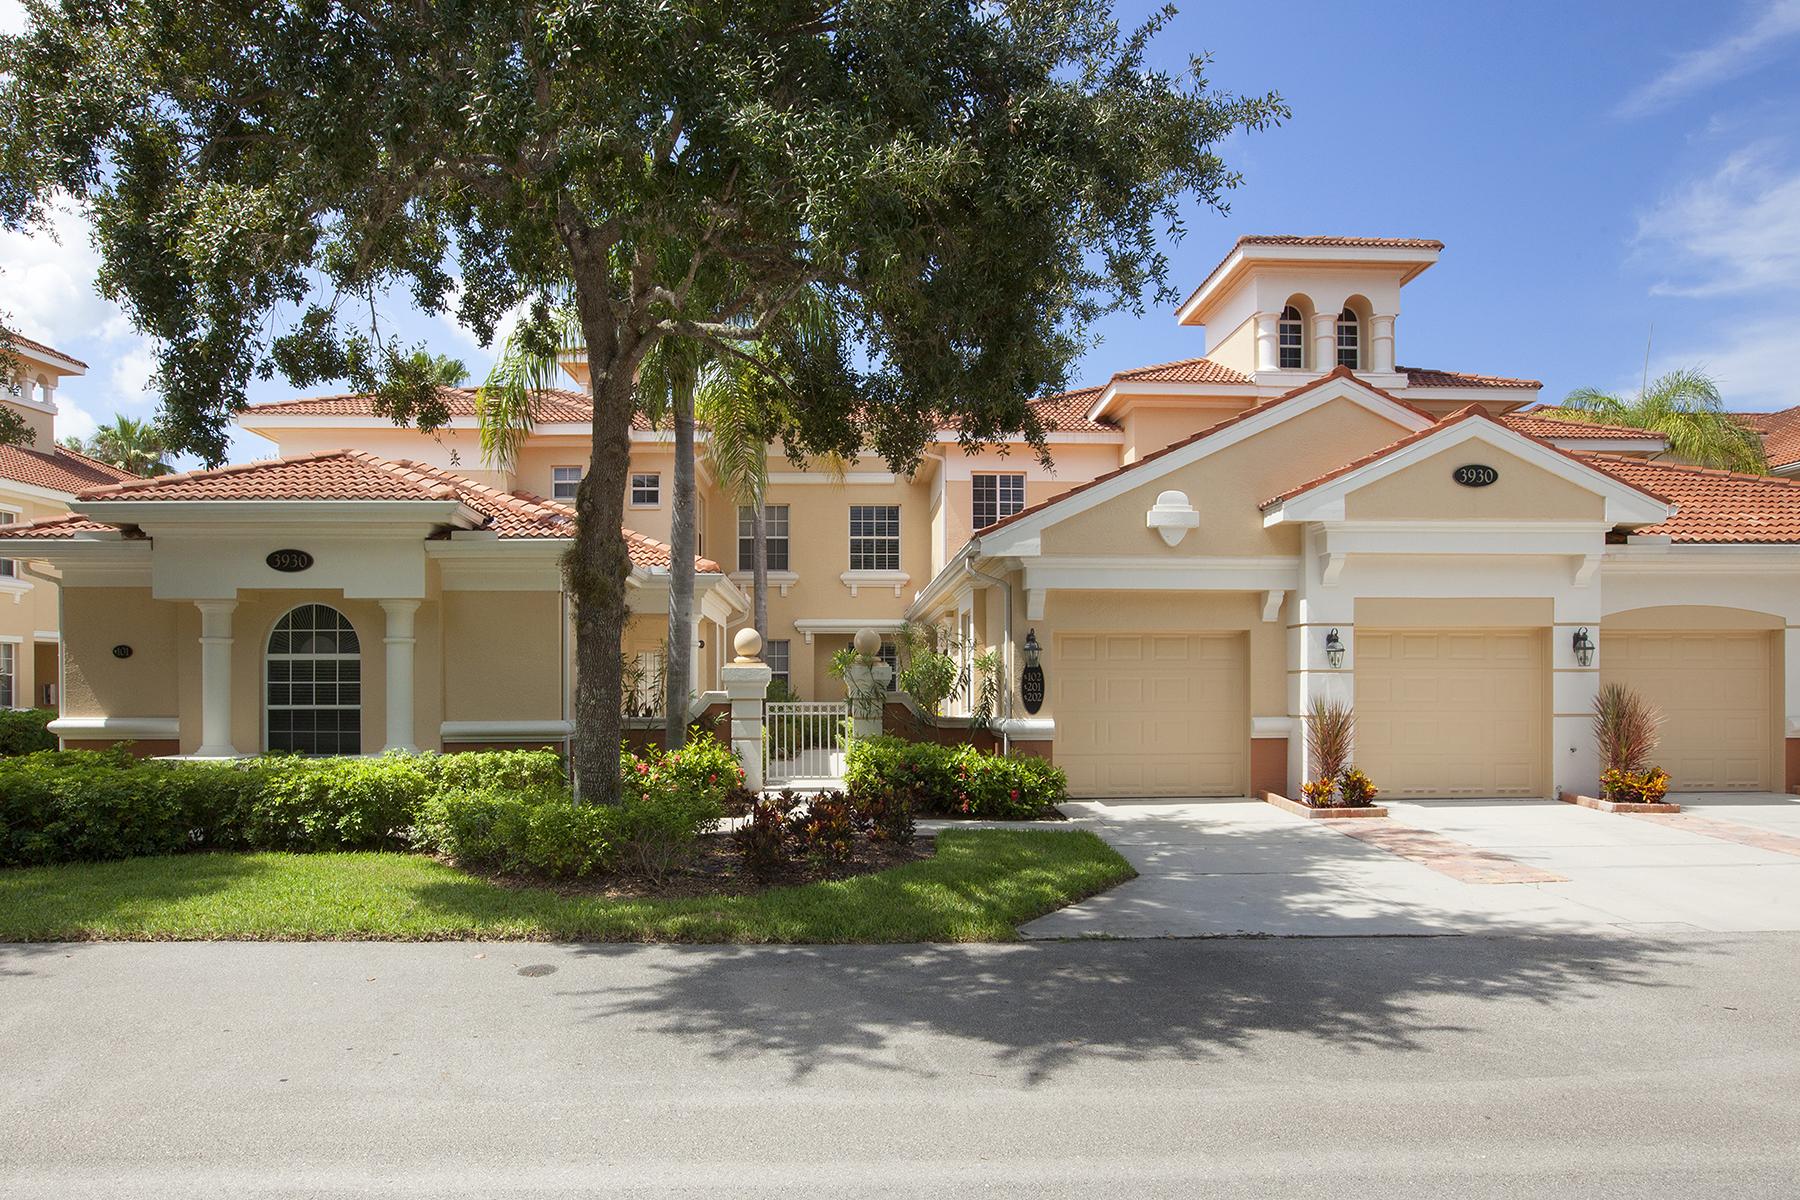 共管式独立产权公寓 为 销售 在 FIDDLER'S CREEK - DEER CROSSING 3930 Deer Crossing Ct 202 Naples, 佛罗里达州 34114 美国